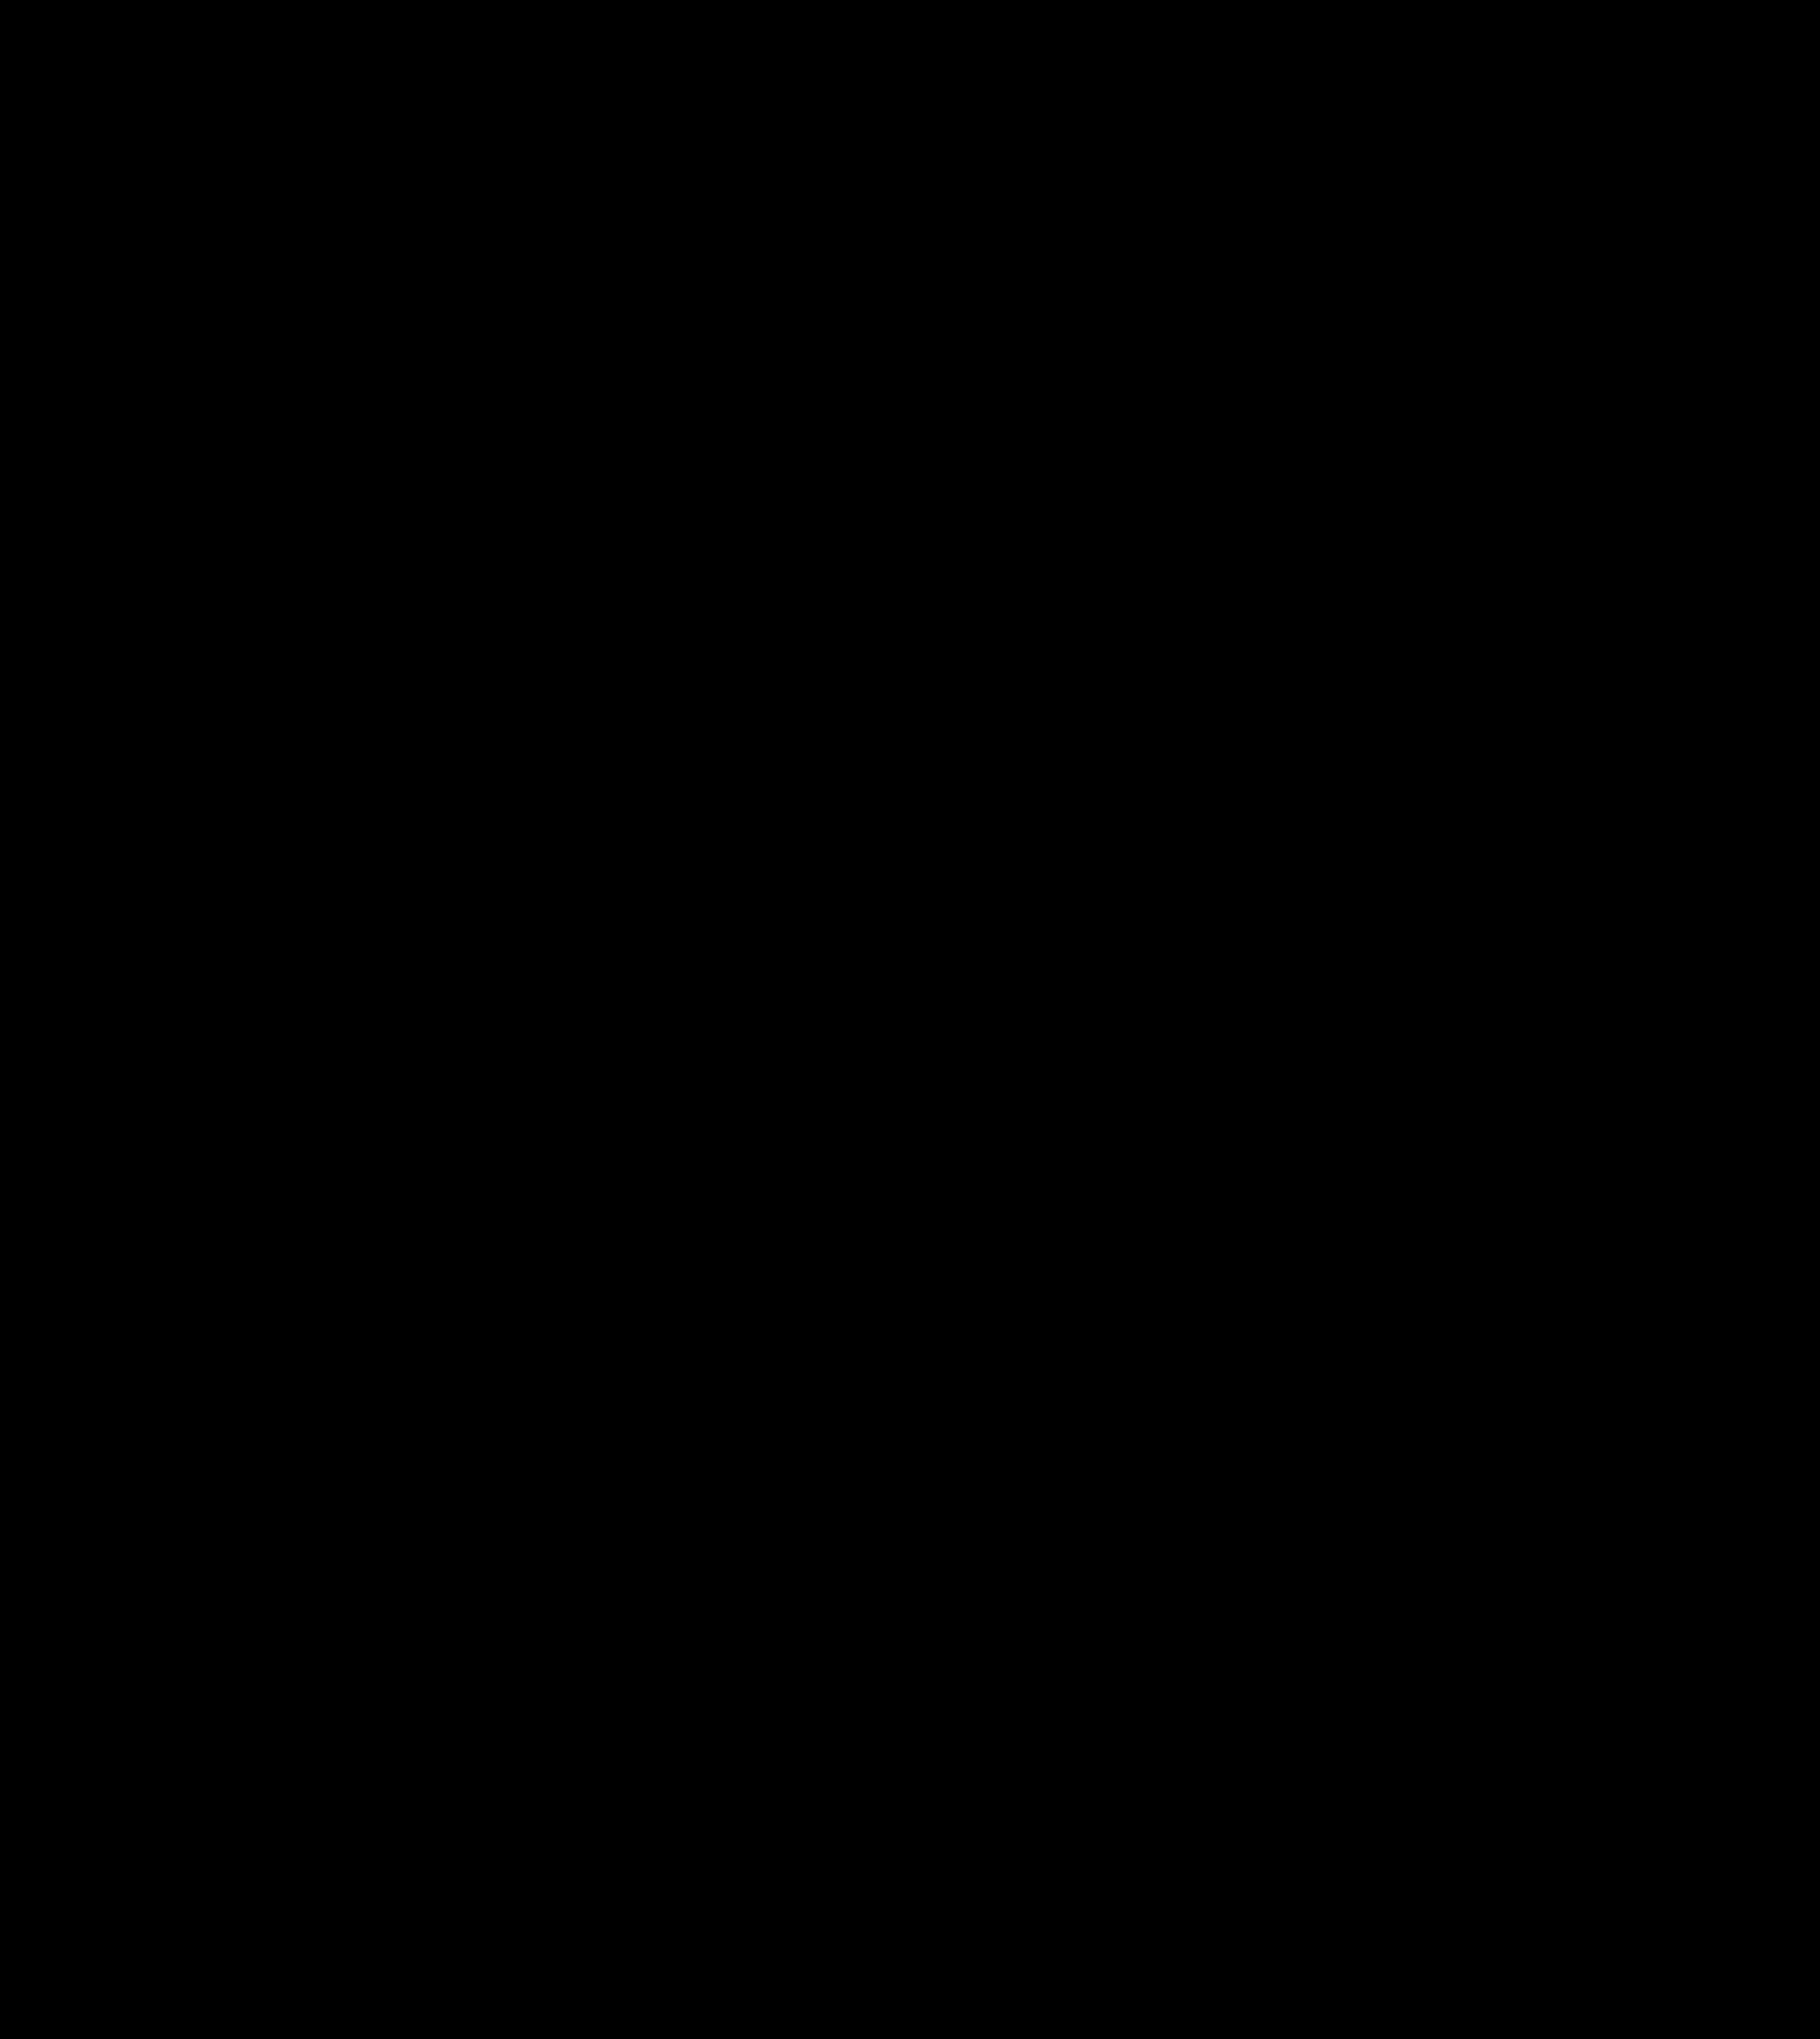 goethe_chair_front2.jpg